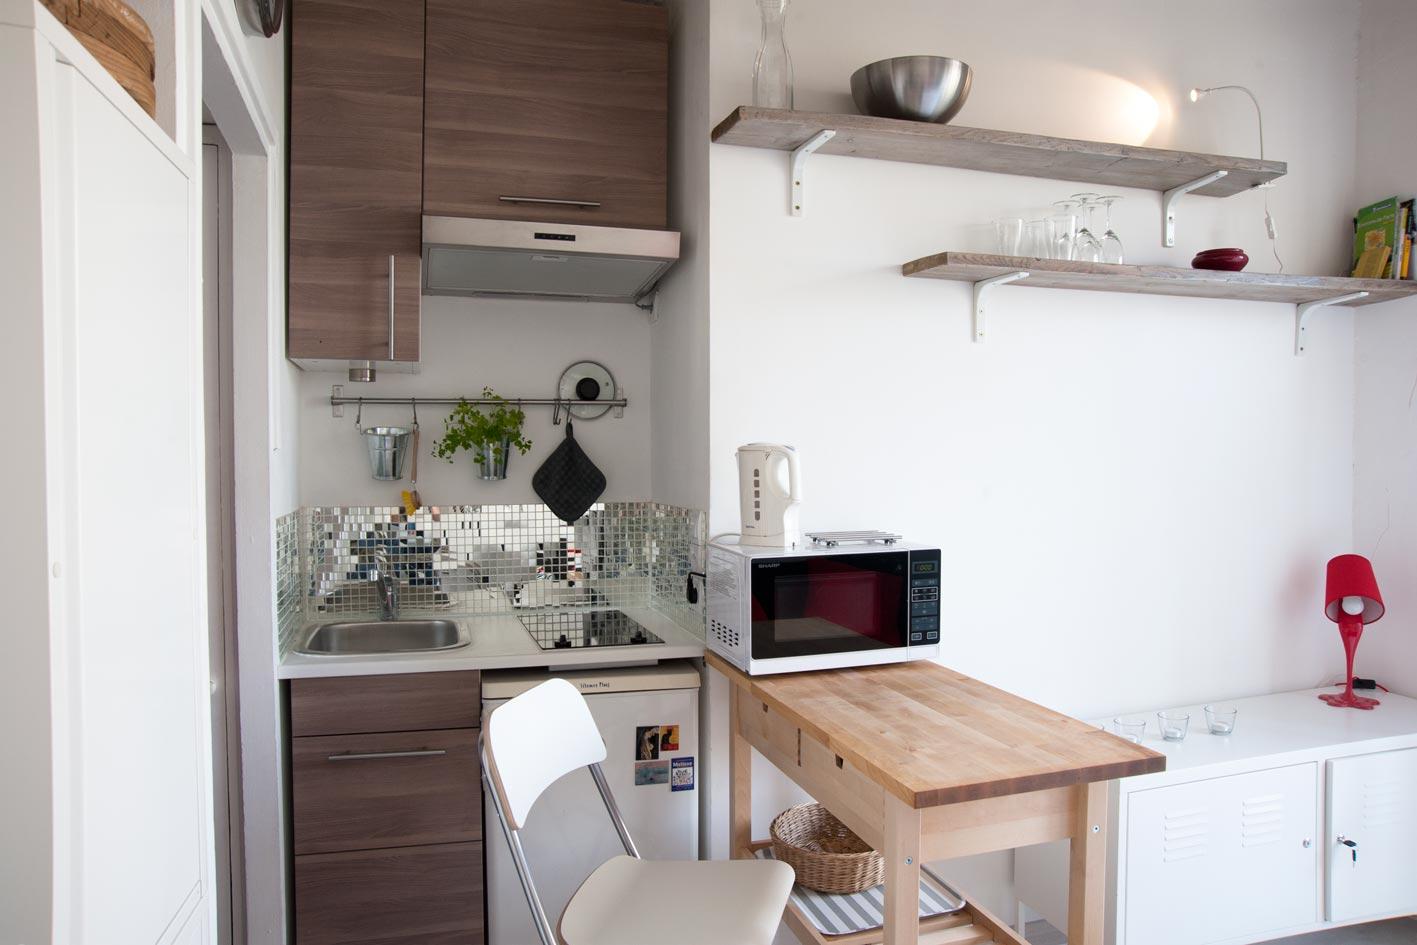 Astuce comment meubler un petit studio bricolage maison - Meubles petits espaces ...